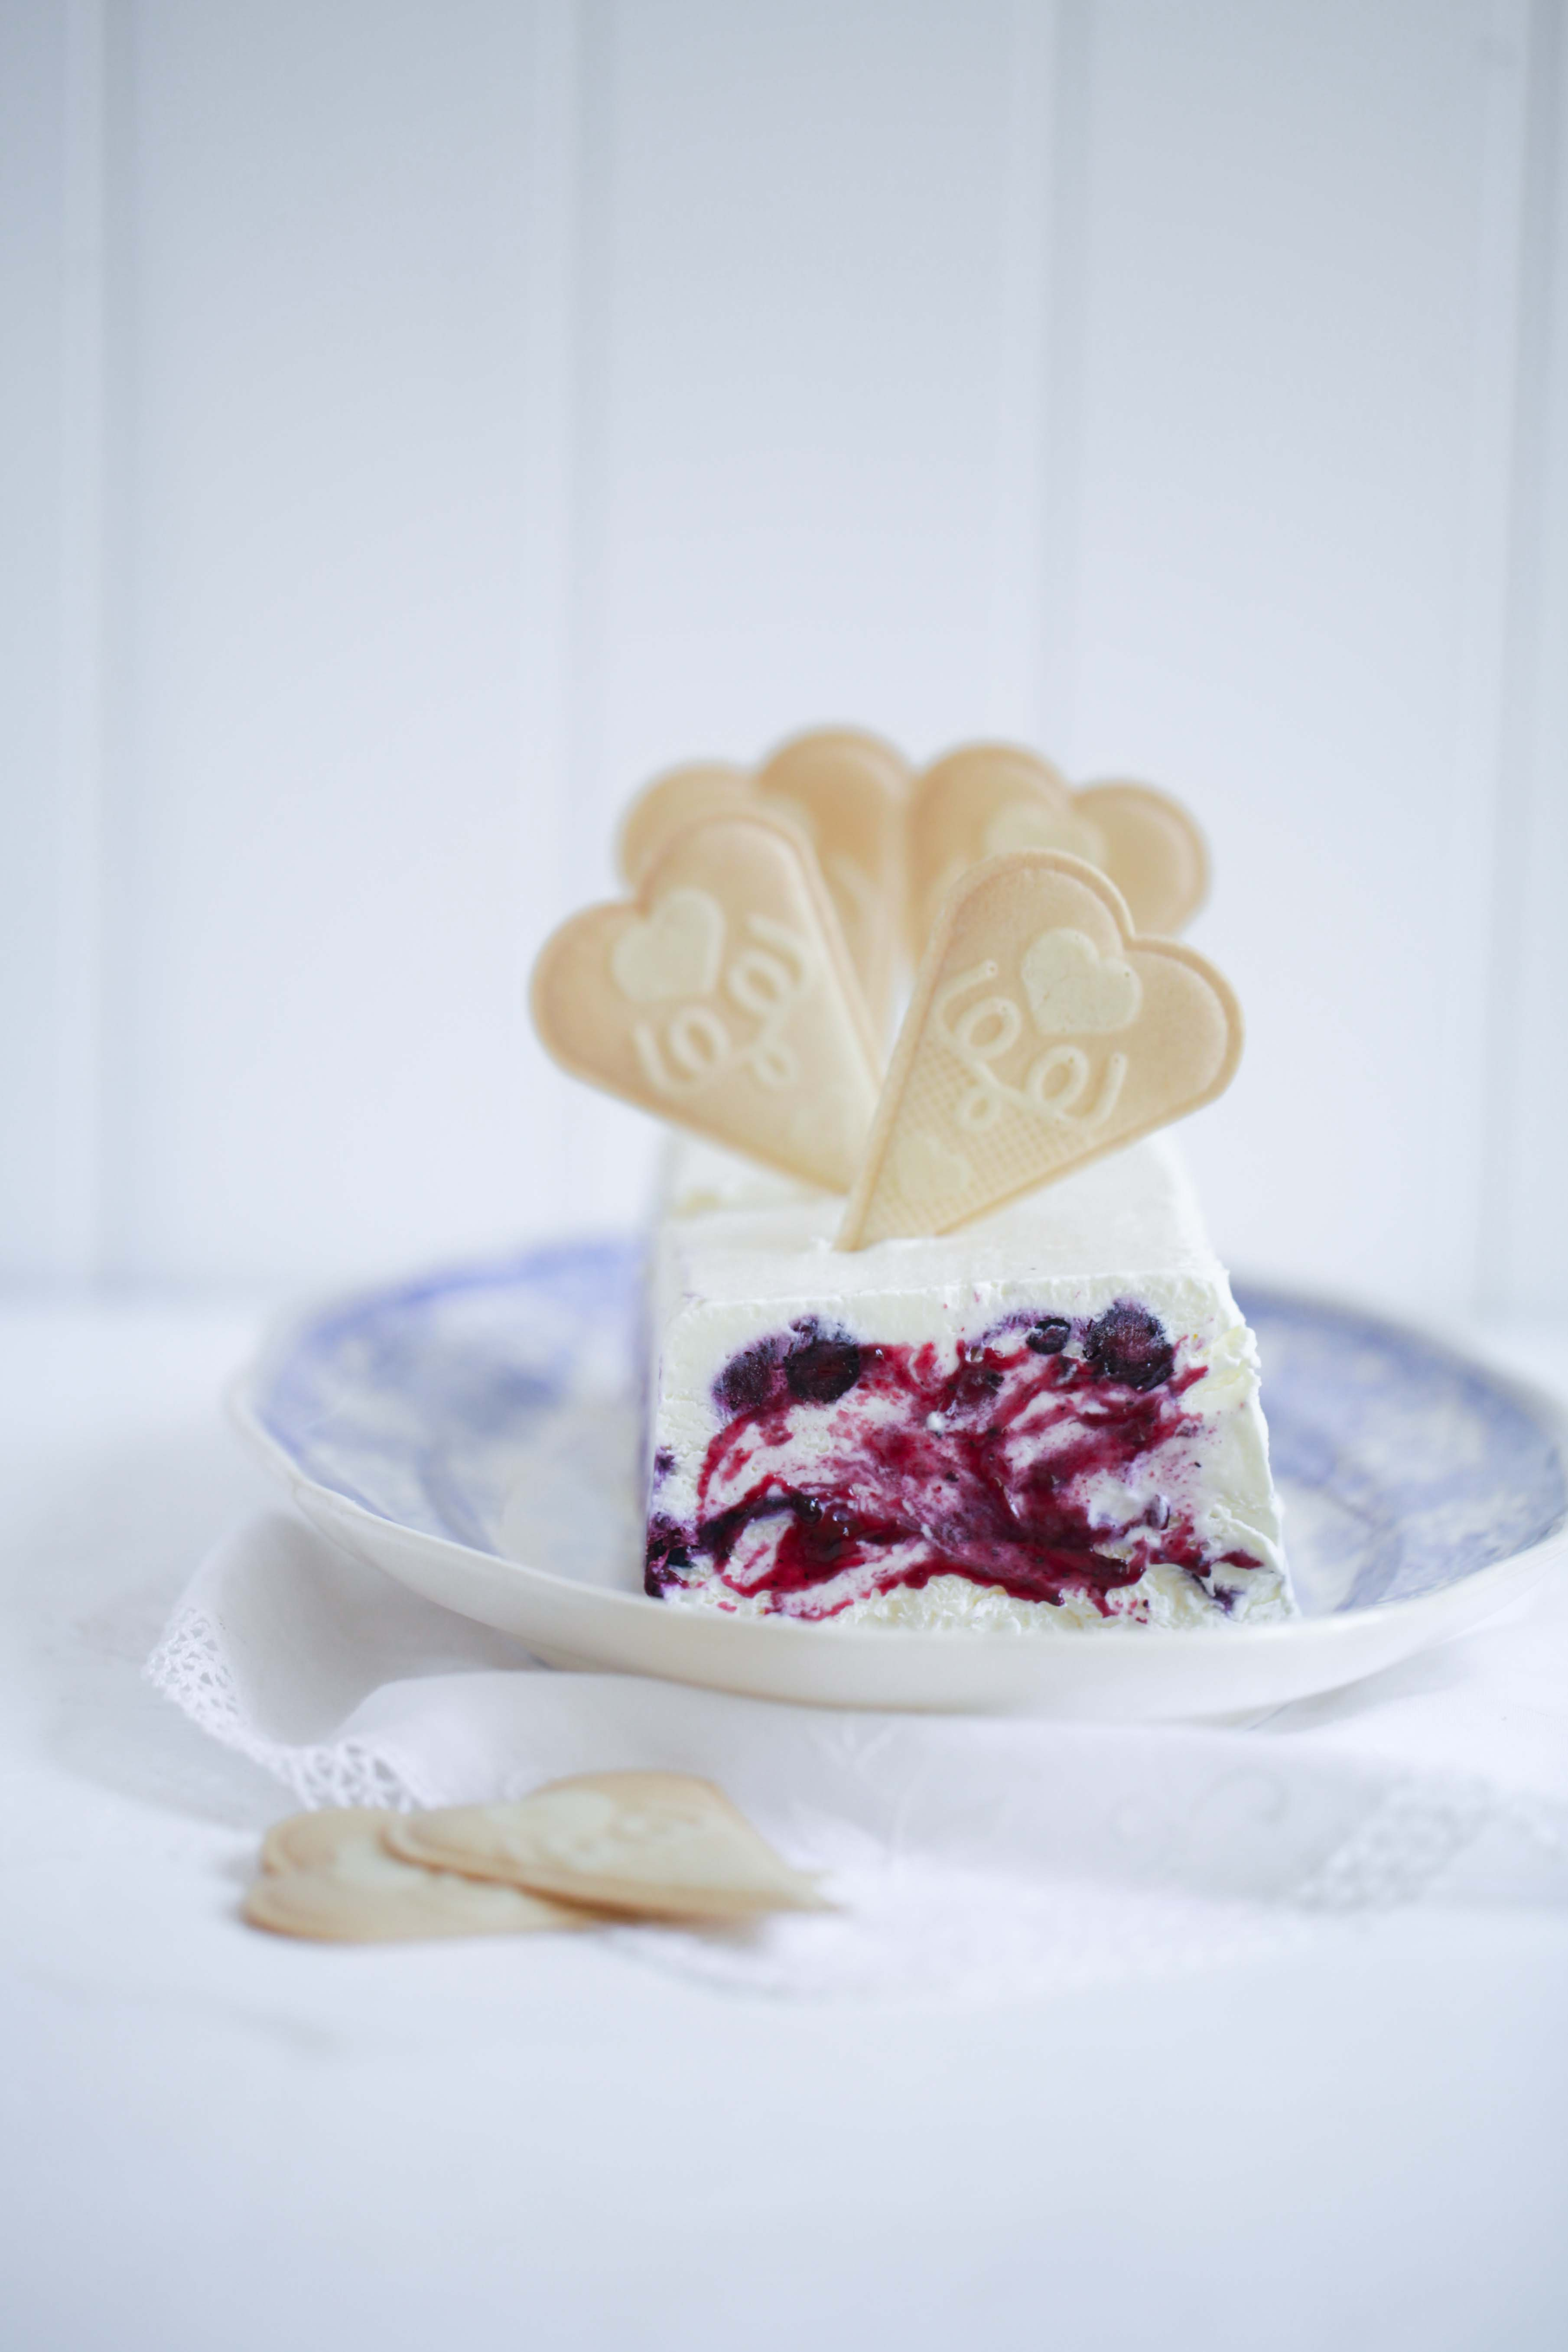 Zuckerzimtundliebe Rezept für Blaubeereis ohne Eismaschine mit ofengerösteten Vanille-Blaubeeren Foodblog Eisrezept Eis Vanilleeis selbstgemacht